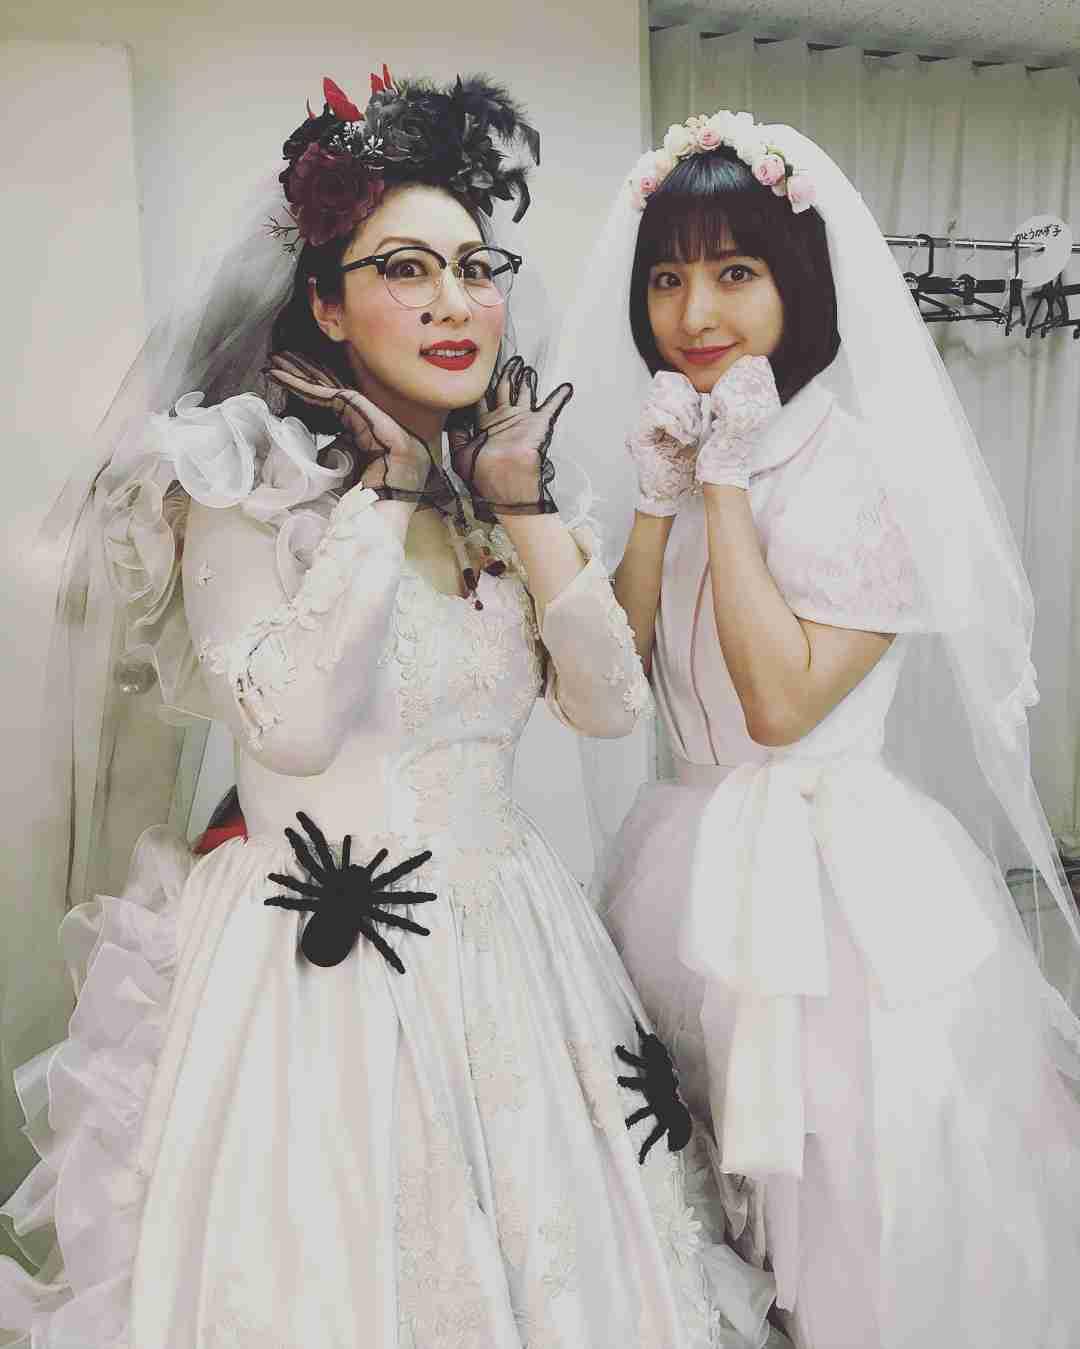 篠田麻里子と鳥居みゆき? 2人のウェディング姿に「きれいすぎる」とファン絶賛